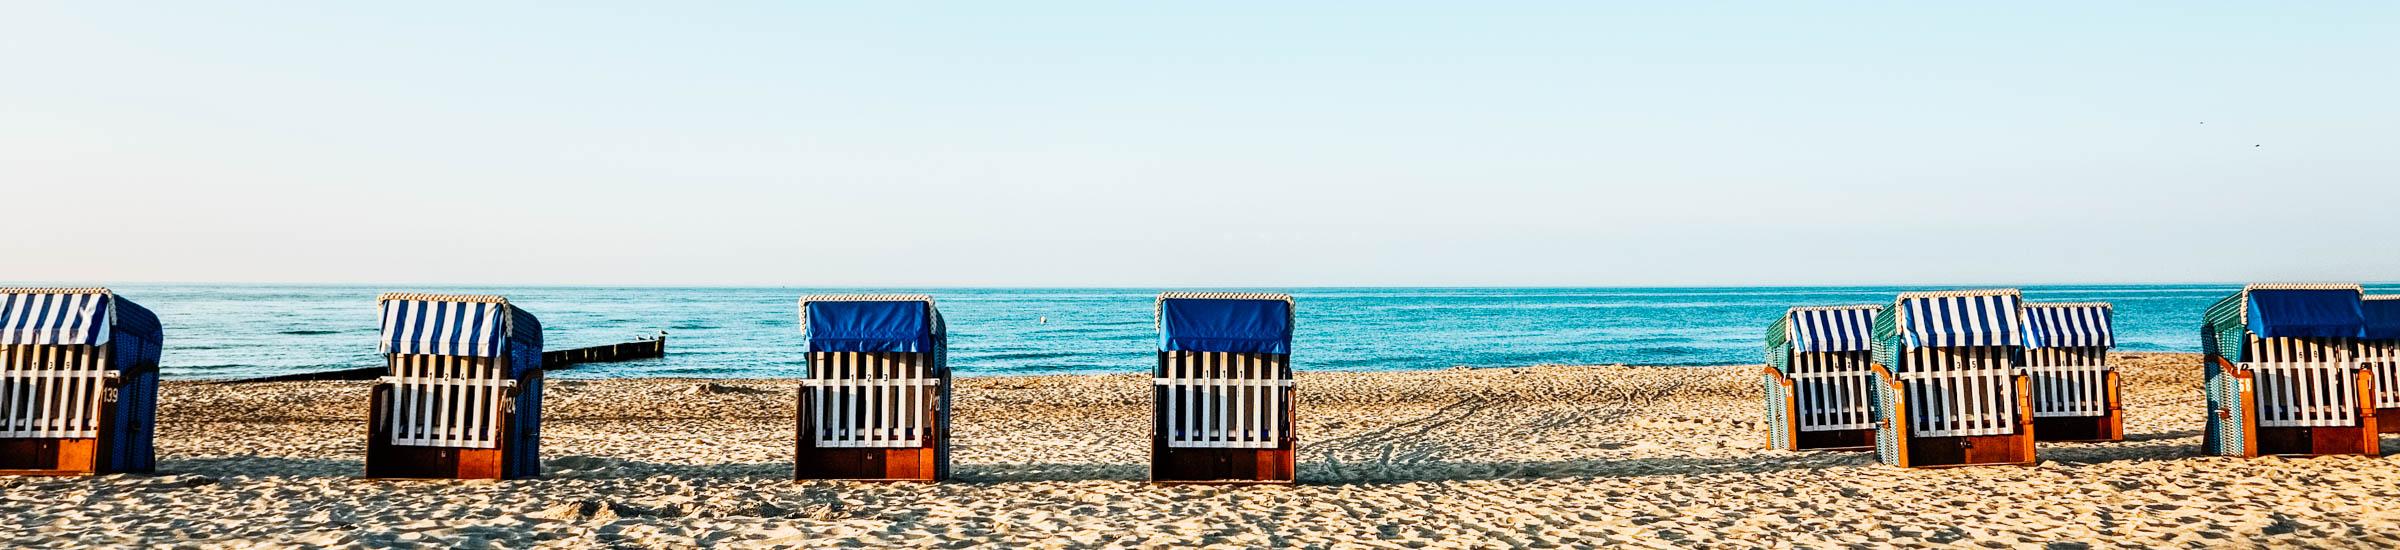 Strandkörbe an der Ostsee - Reisetipps Ostsee